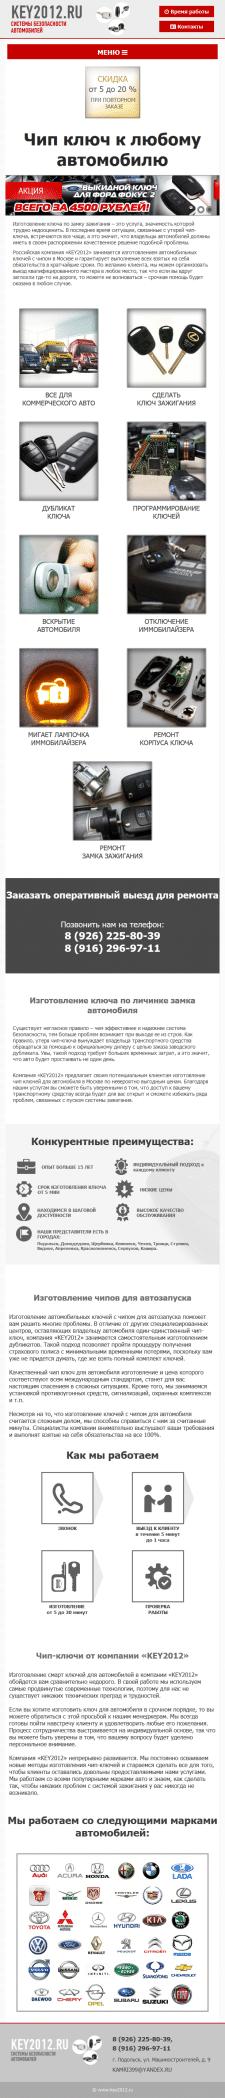 Адаптив сайта под мобильные устройства